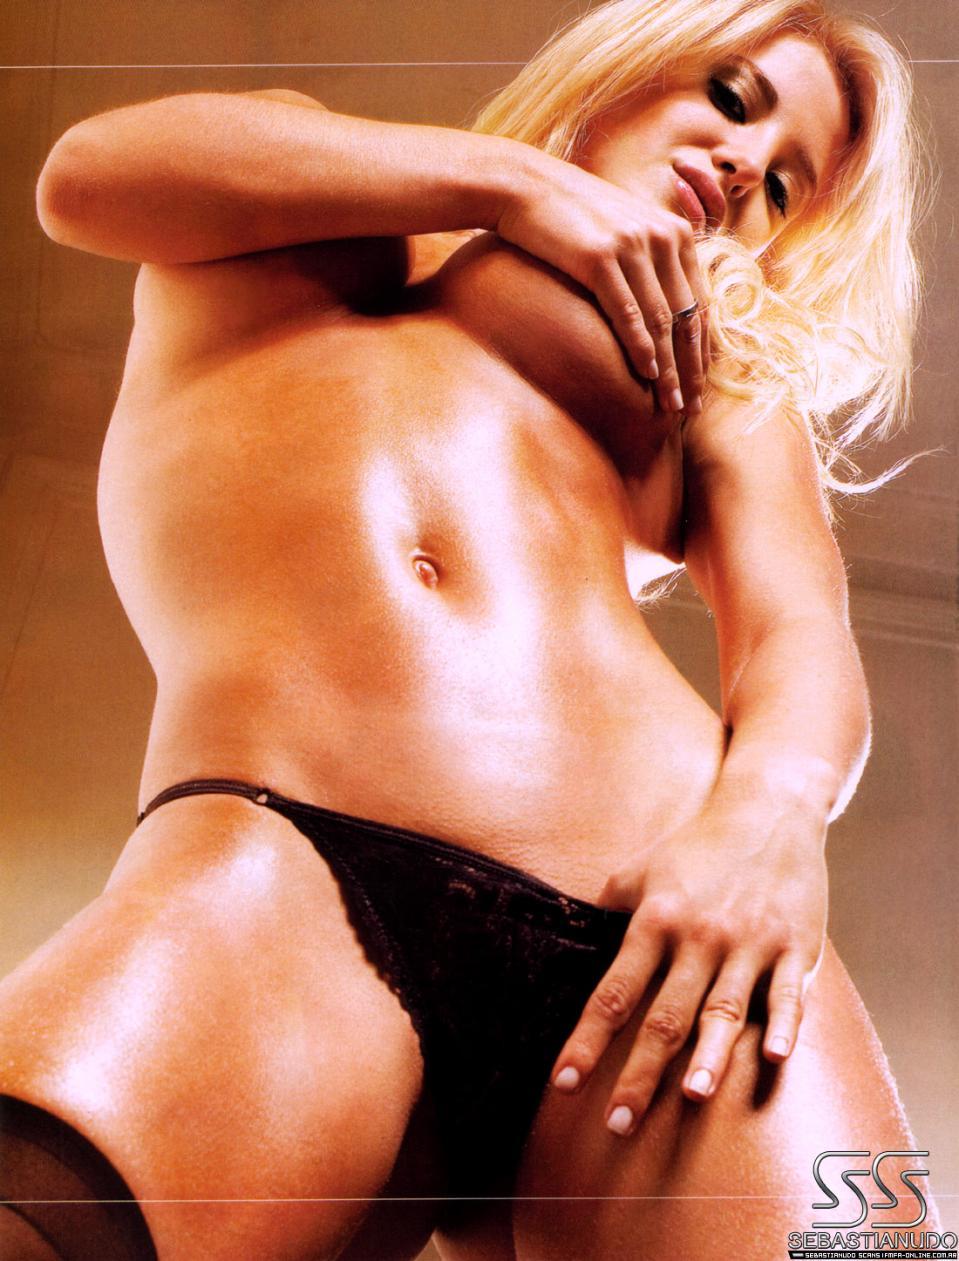 Тегос бесплатные загрузки порно фото 22 фотография